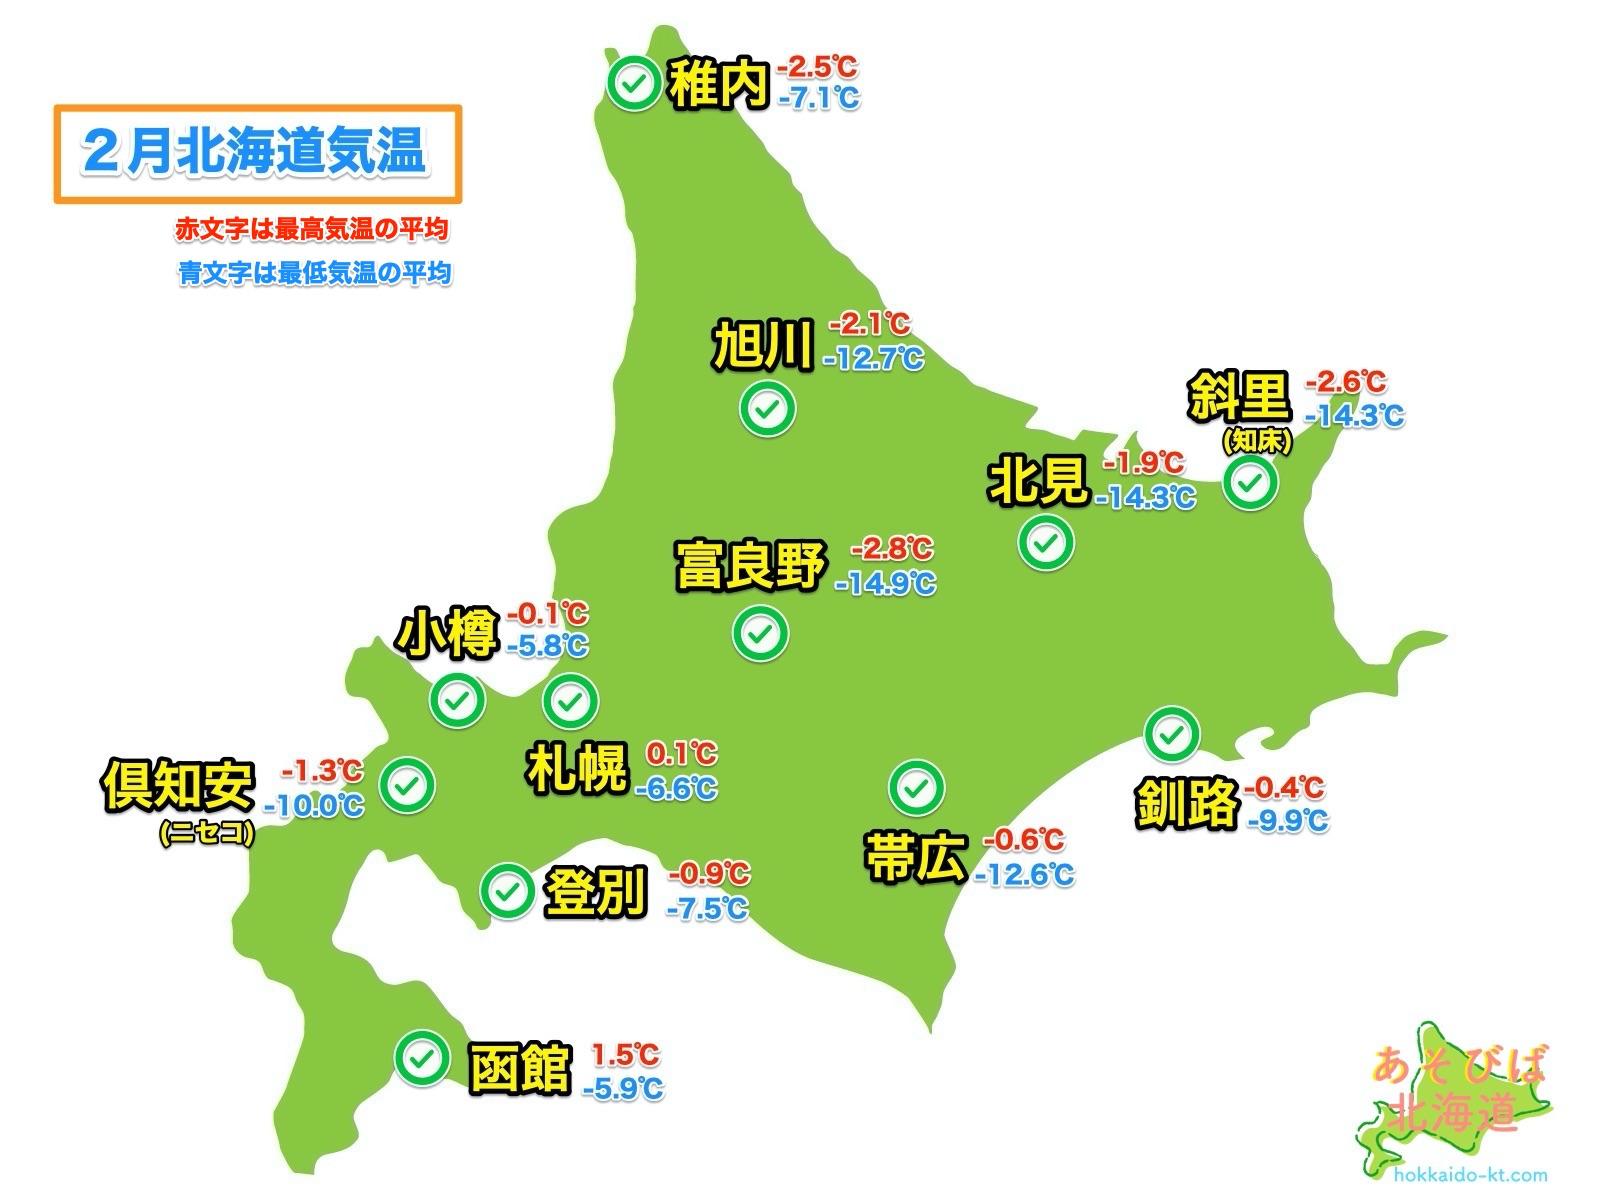 2月の北海道各地の気温